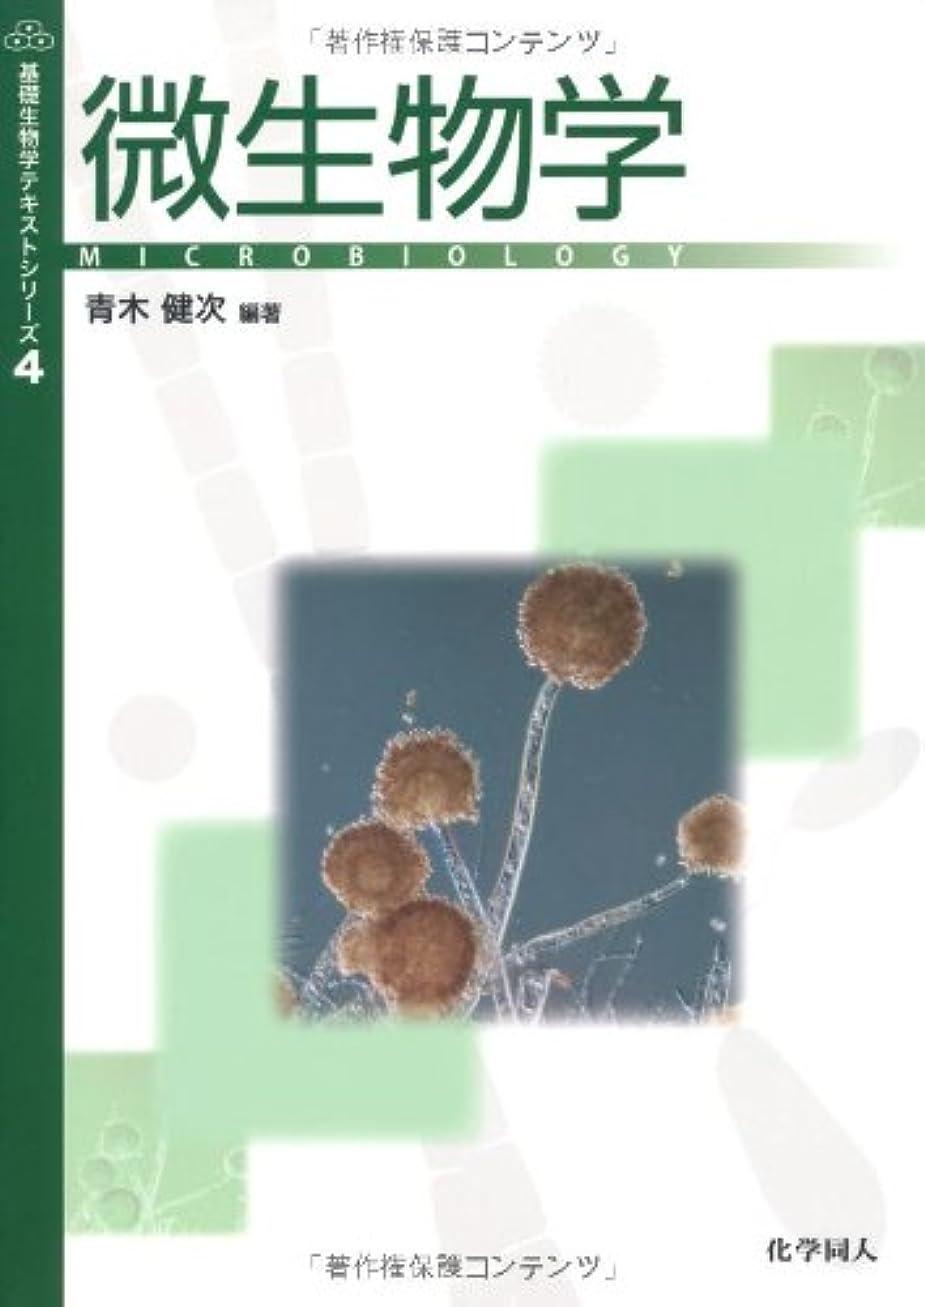 宙返り壊滅的なはさみ微生物学 (基礎生物学テキストシリーズ)